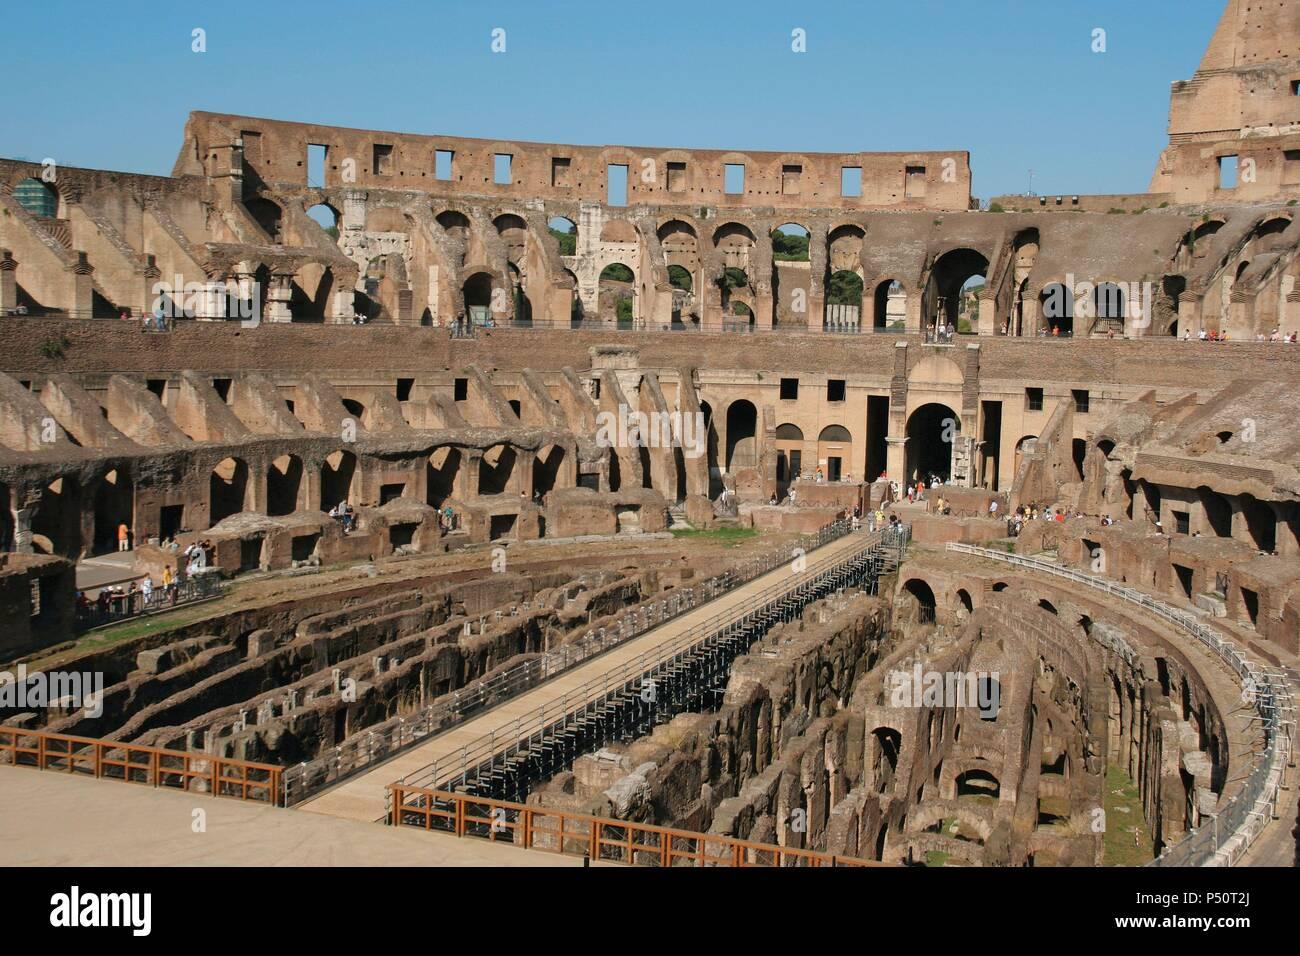 Arte romana il colosseo colosseo o anfiteatro flaviano for Il tuo account e stato attaccato